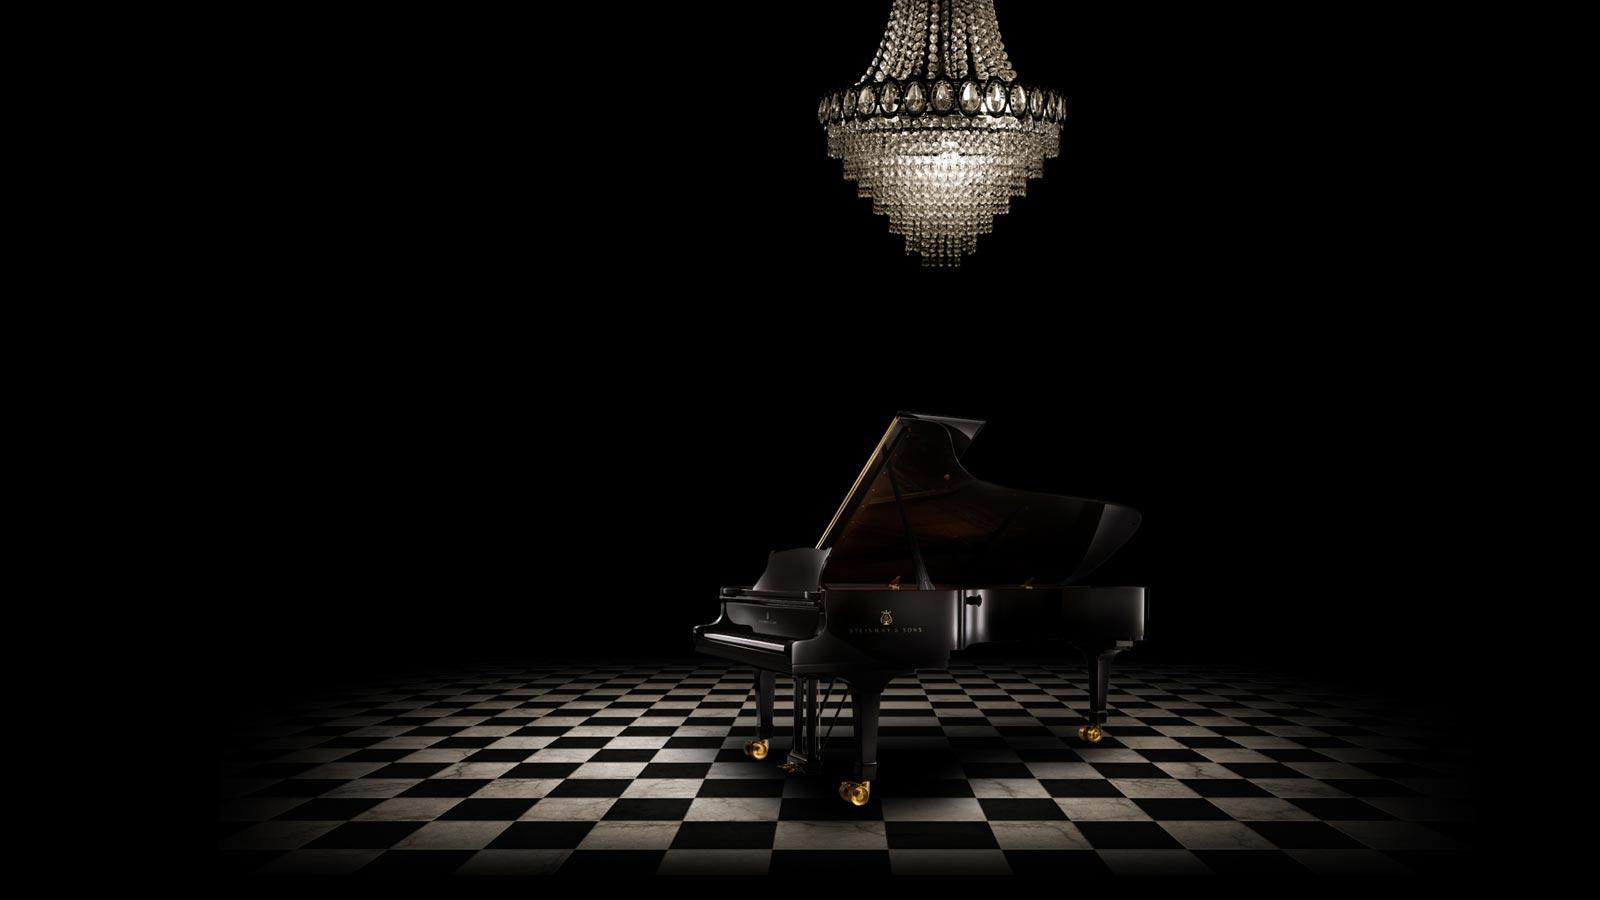 download Steinway Grand Piano Wallpaper Blthner c bechstein 1600x900